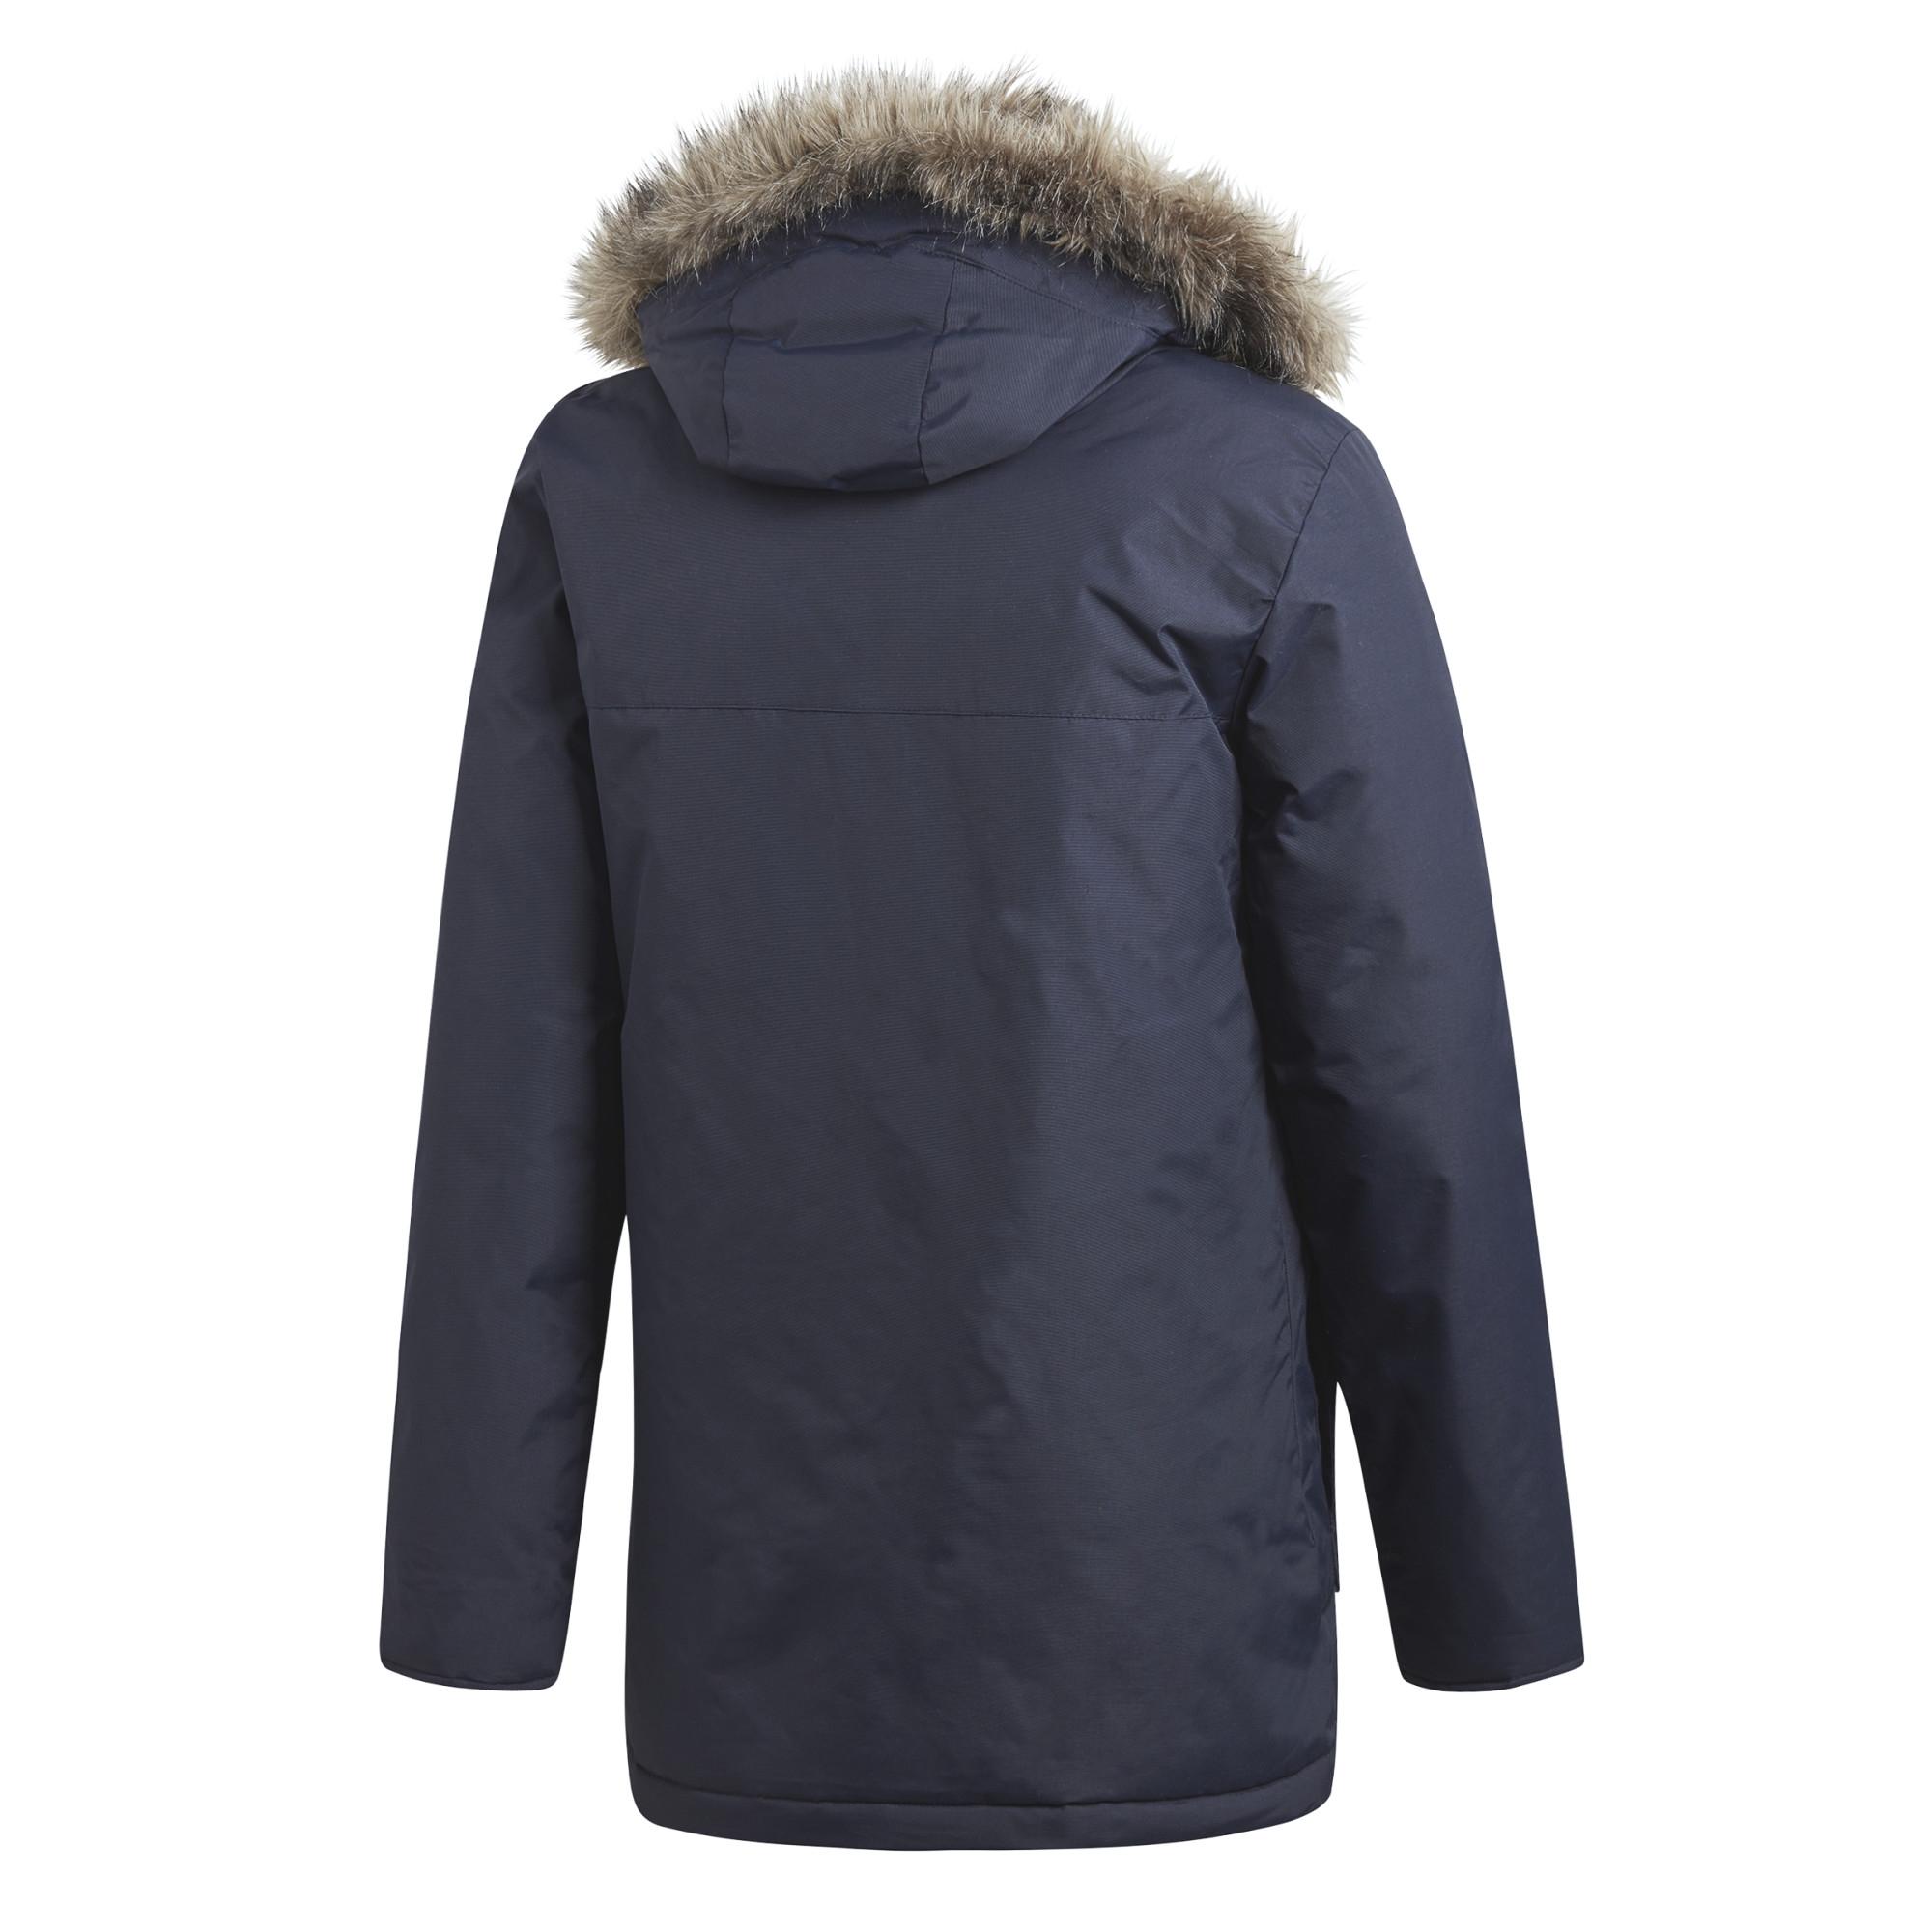 Details zu adidas Herren Winterjacke Outdoor Xploric Parka Winter Jacke  Kunstfell CY8602